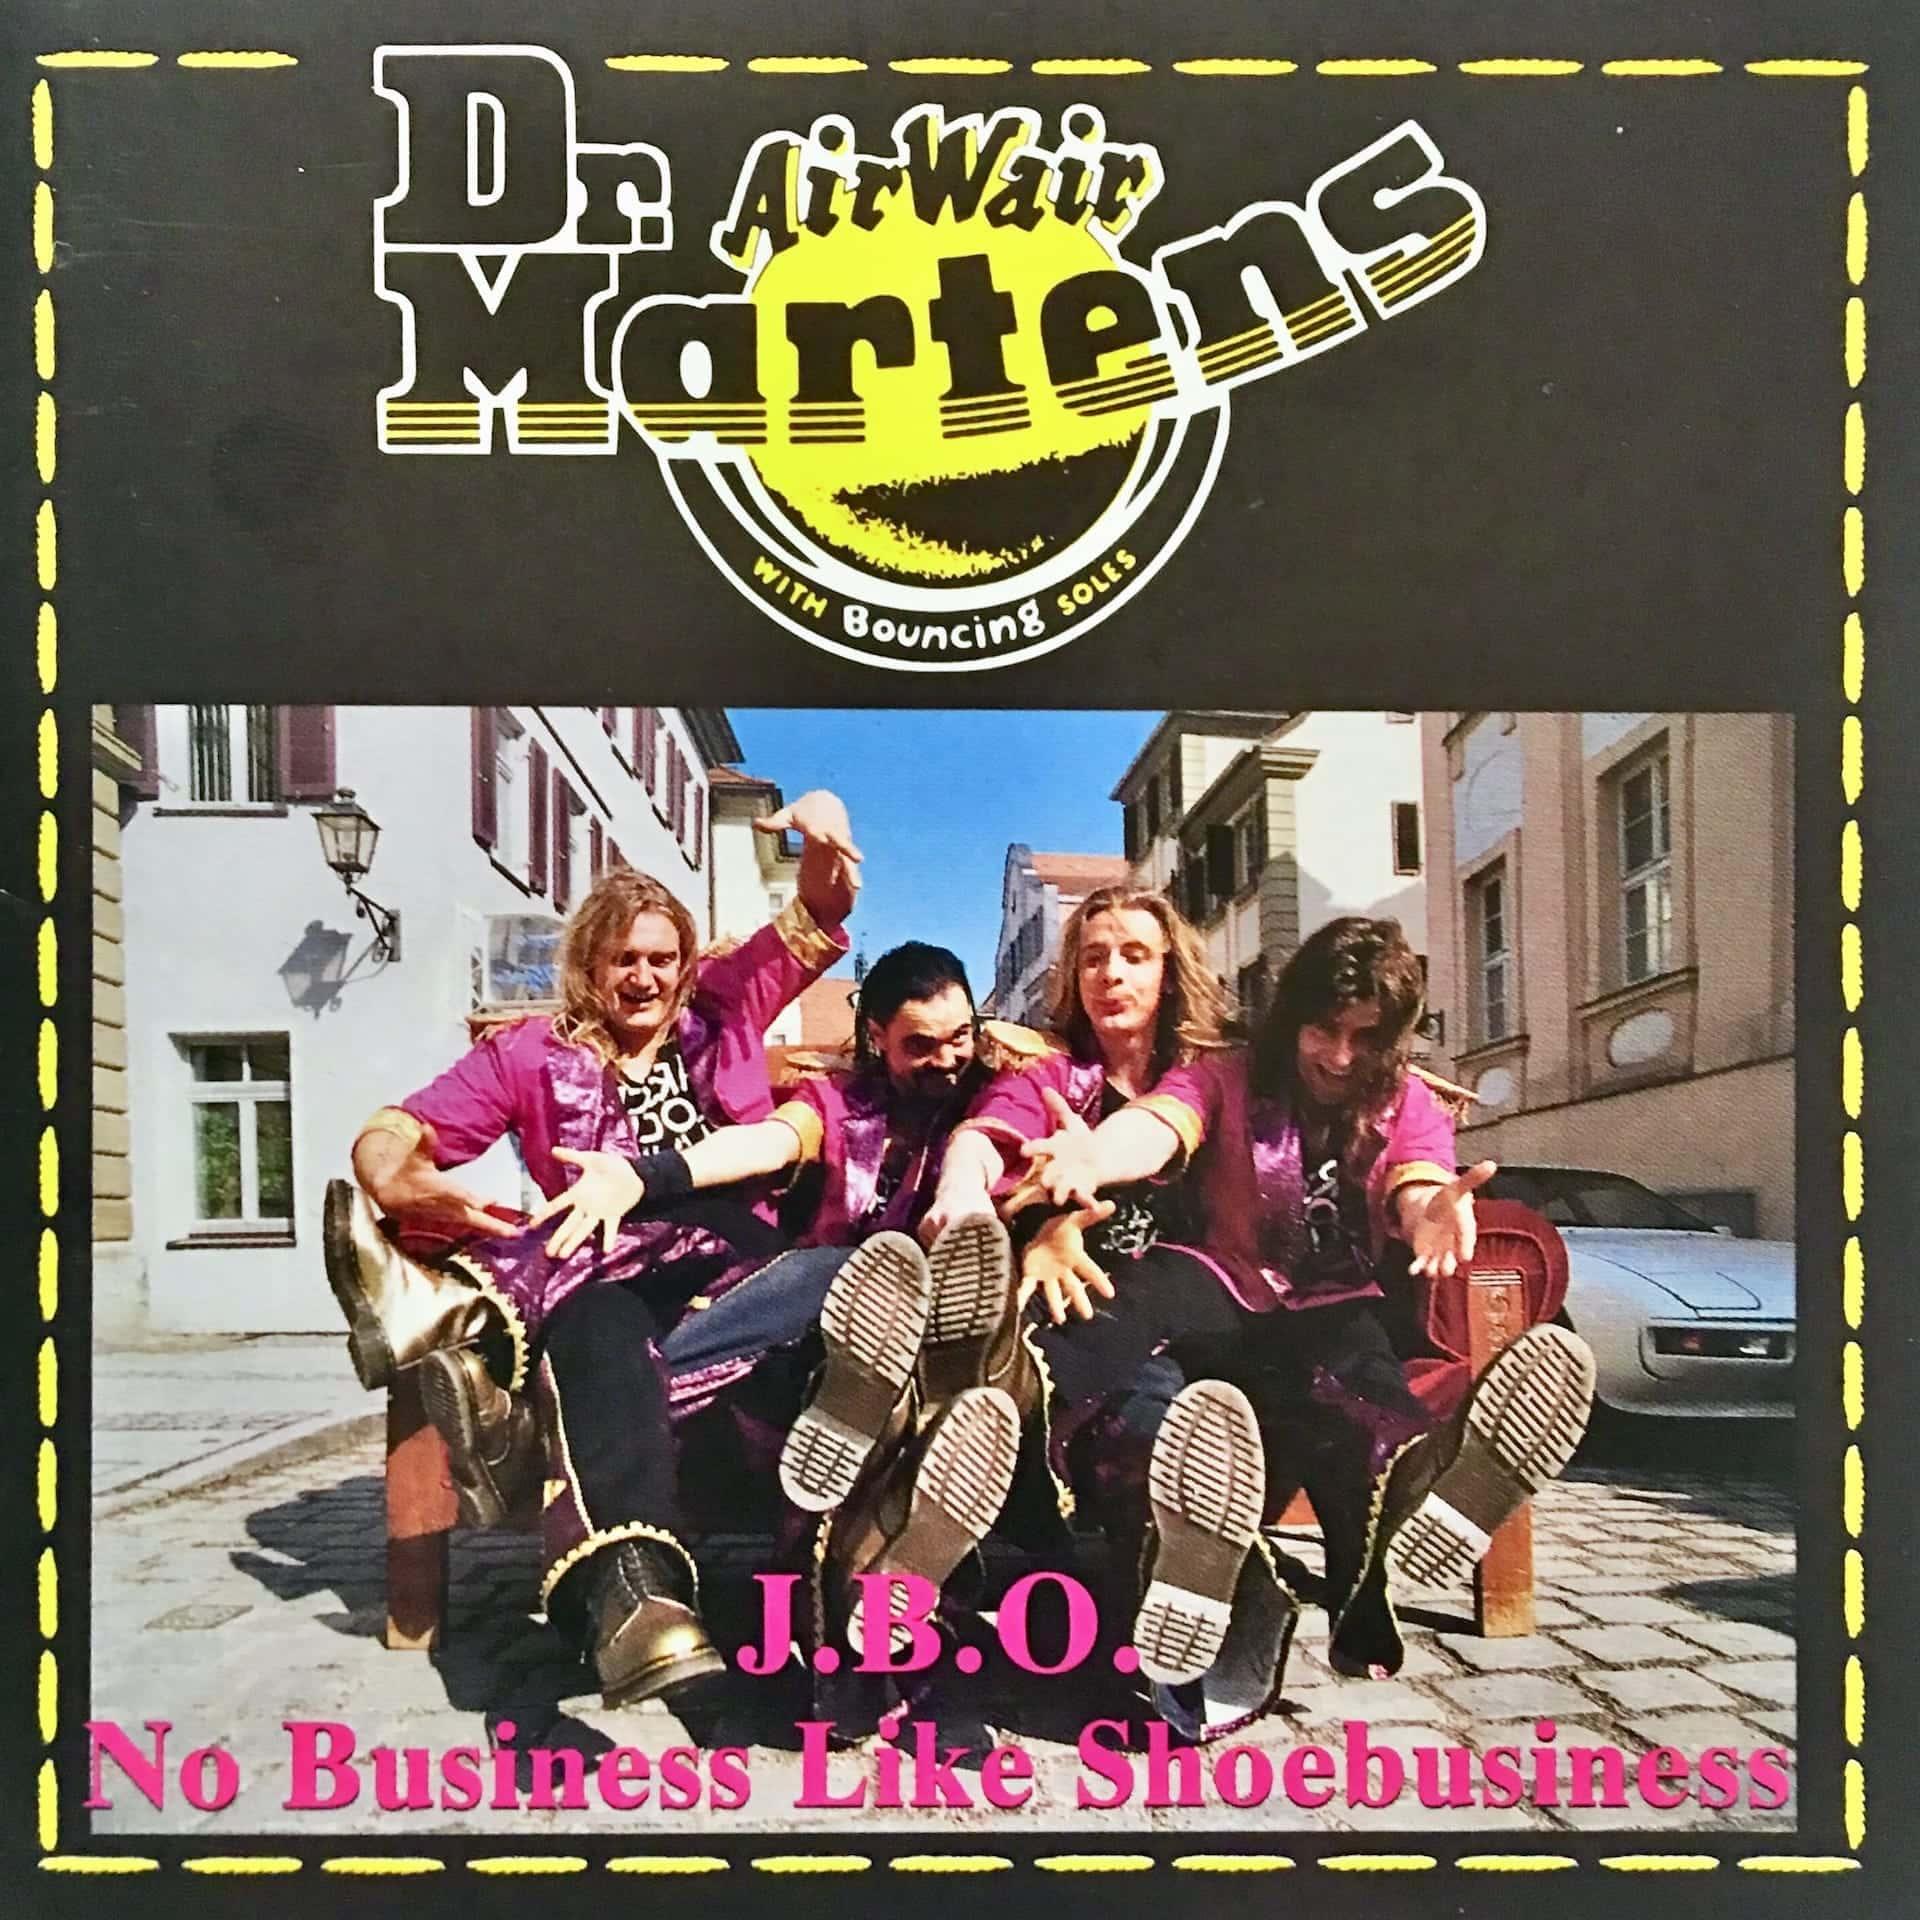 No Business Like Shoebusiness